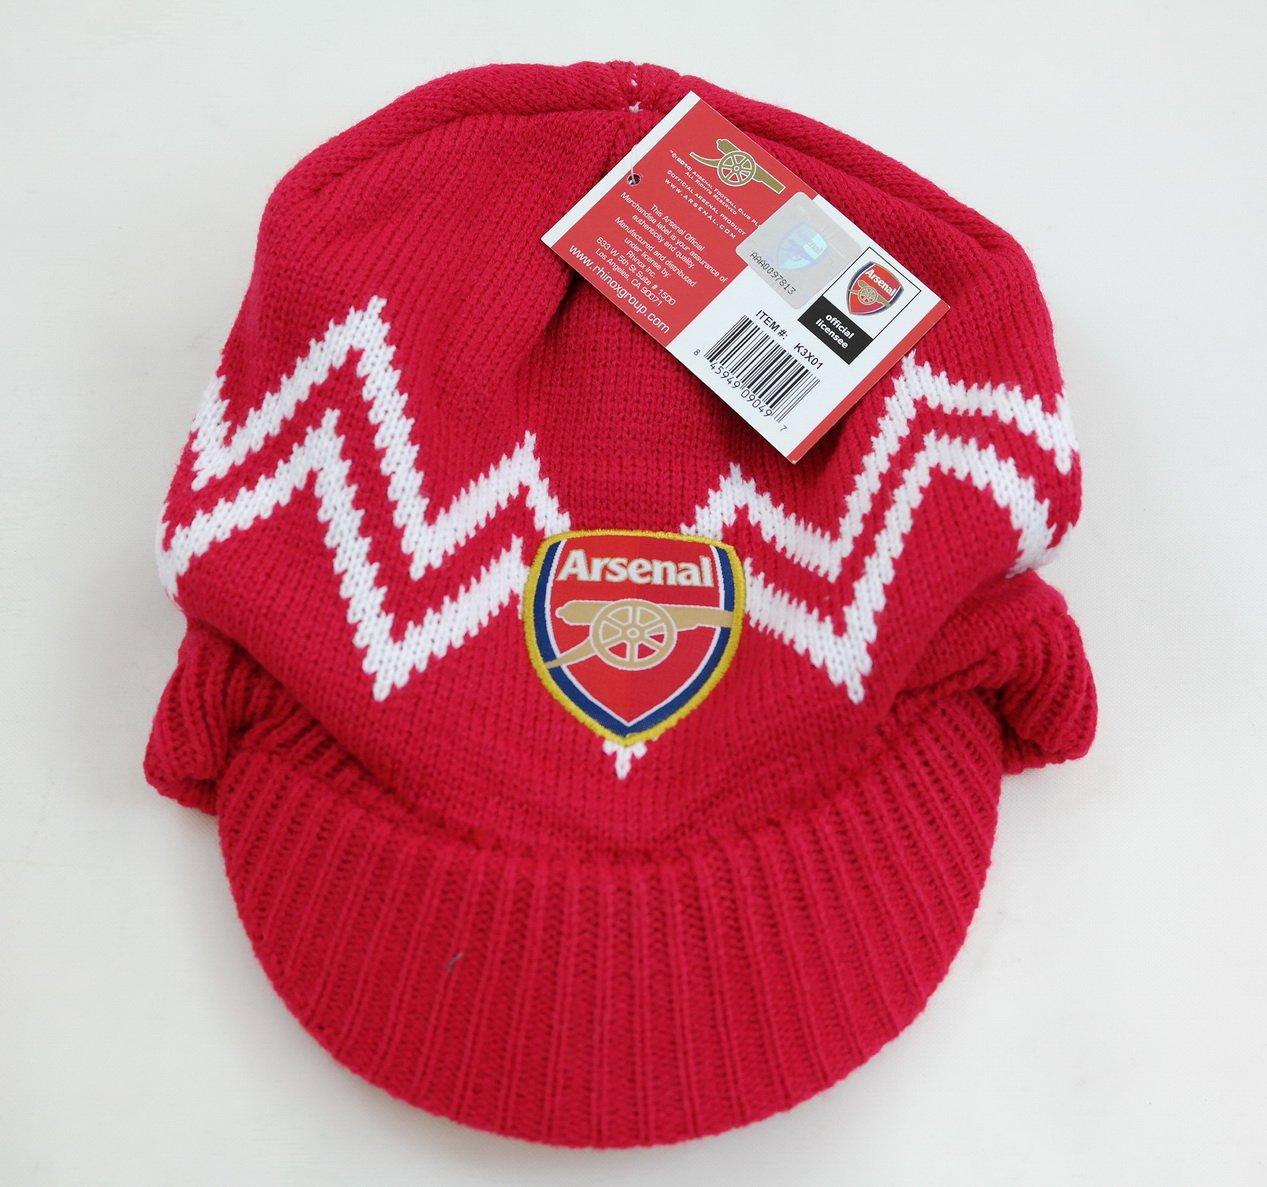 アーセナルAuthentic Official Licensed Product Soccerビーニー – 004 A B017WW8WGW